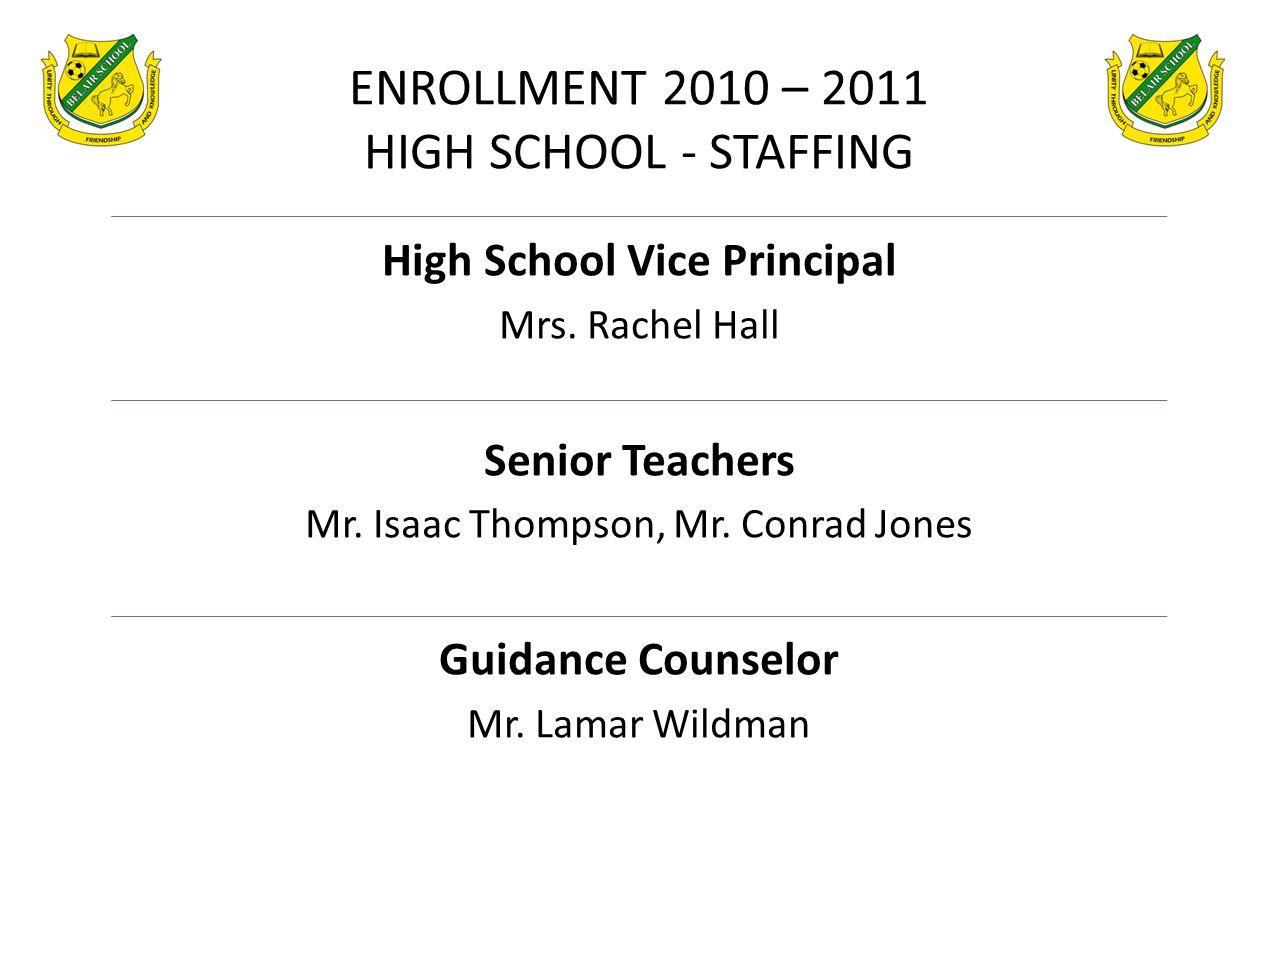 ENROLLMENT 2010 – 2011 HIGH SCHOOL - STAFFING